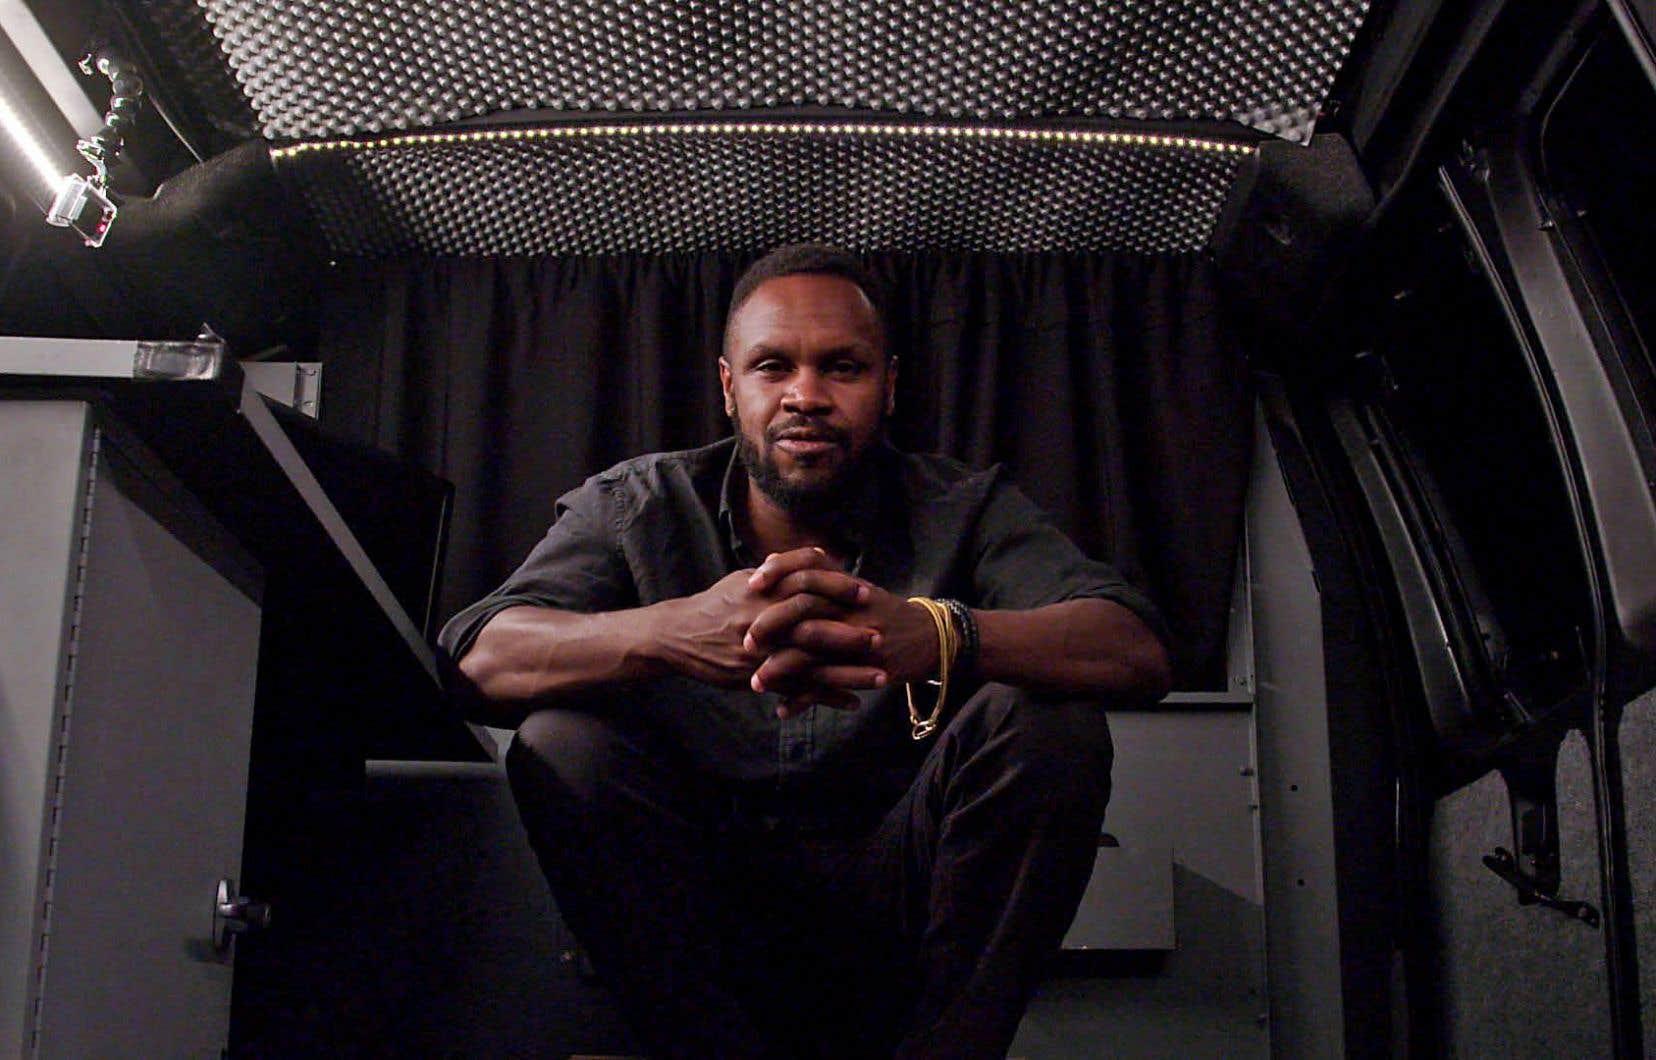 L'émission «Infiltration», avec Pierre-Yves Lord, est tournée en caméra cachée.